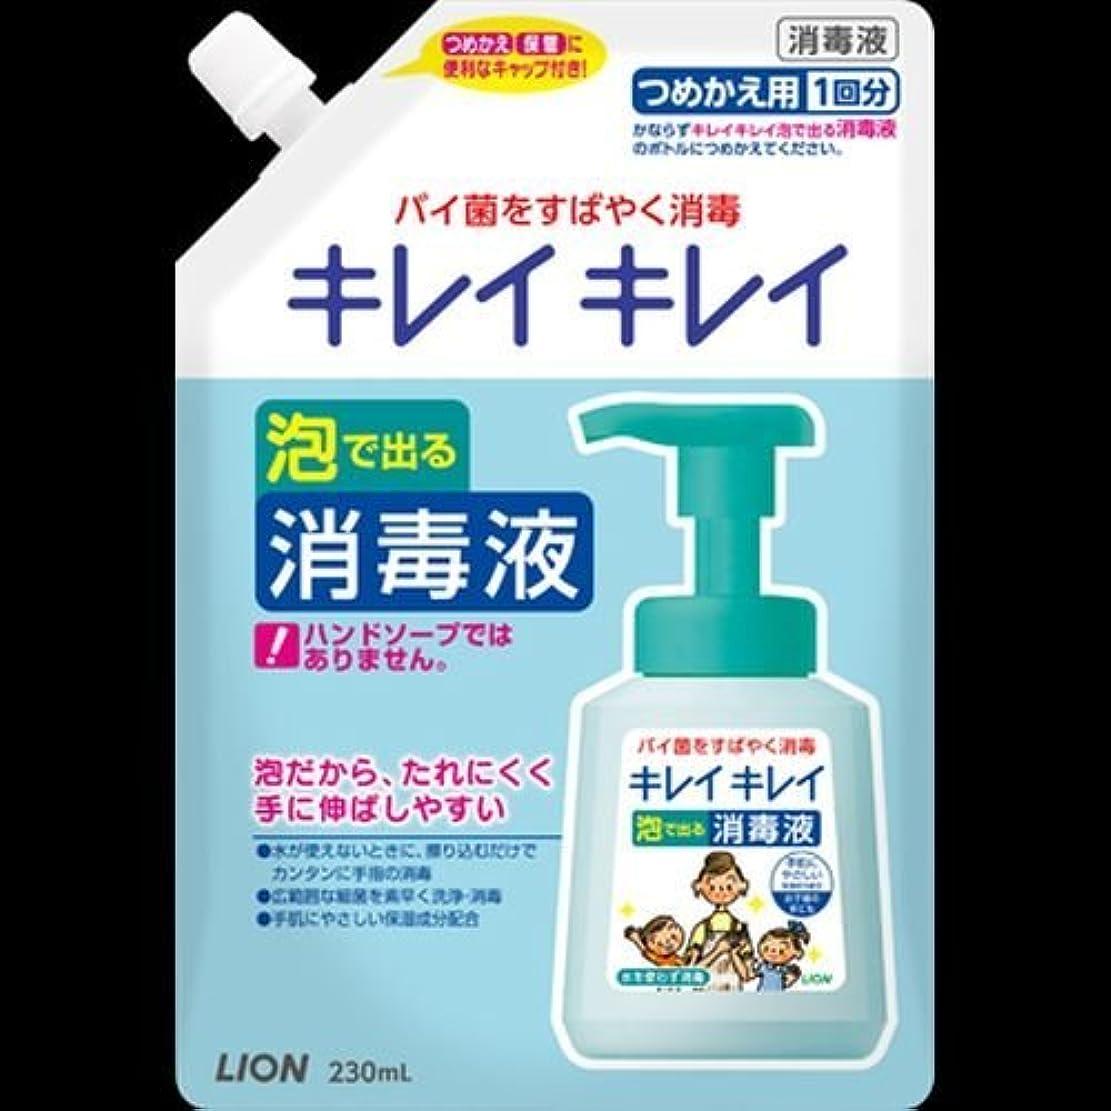 マークダウン強度寄付するキレイキレイ 薬用泡ででる消毒液 つめかえ用 230mL ×2セット